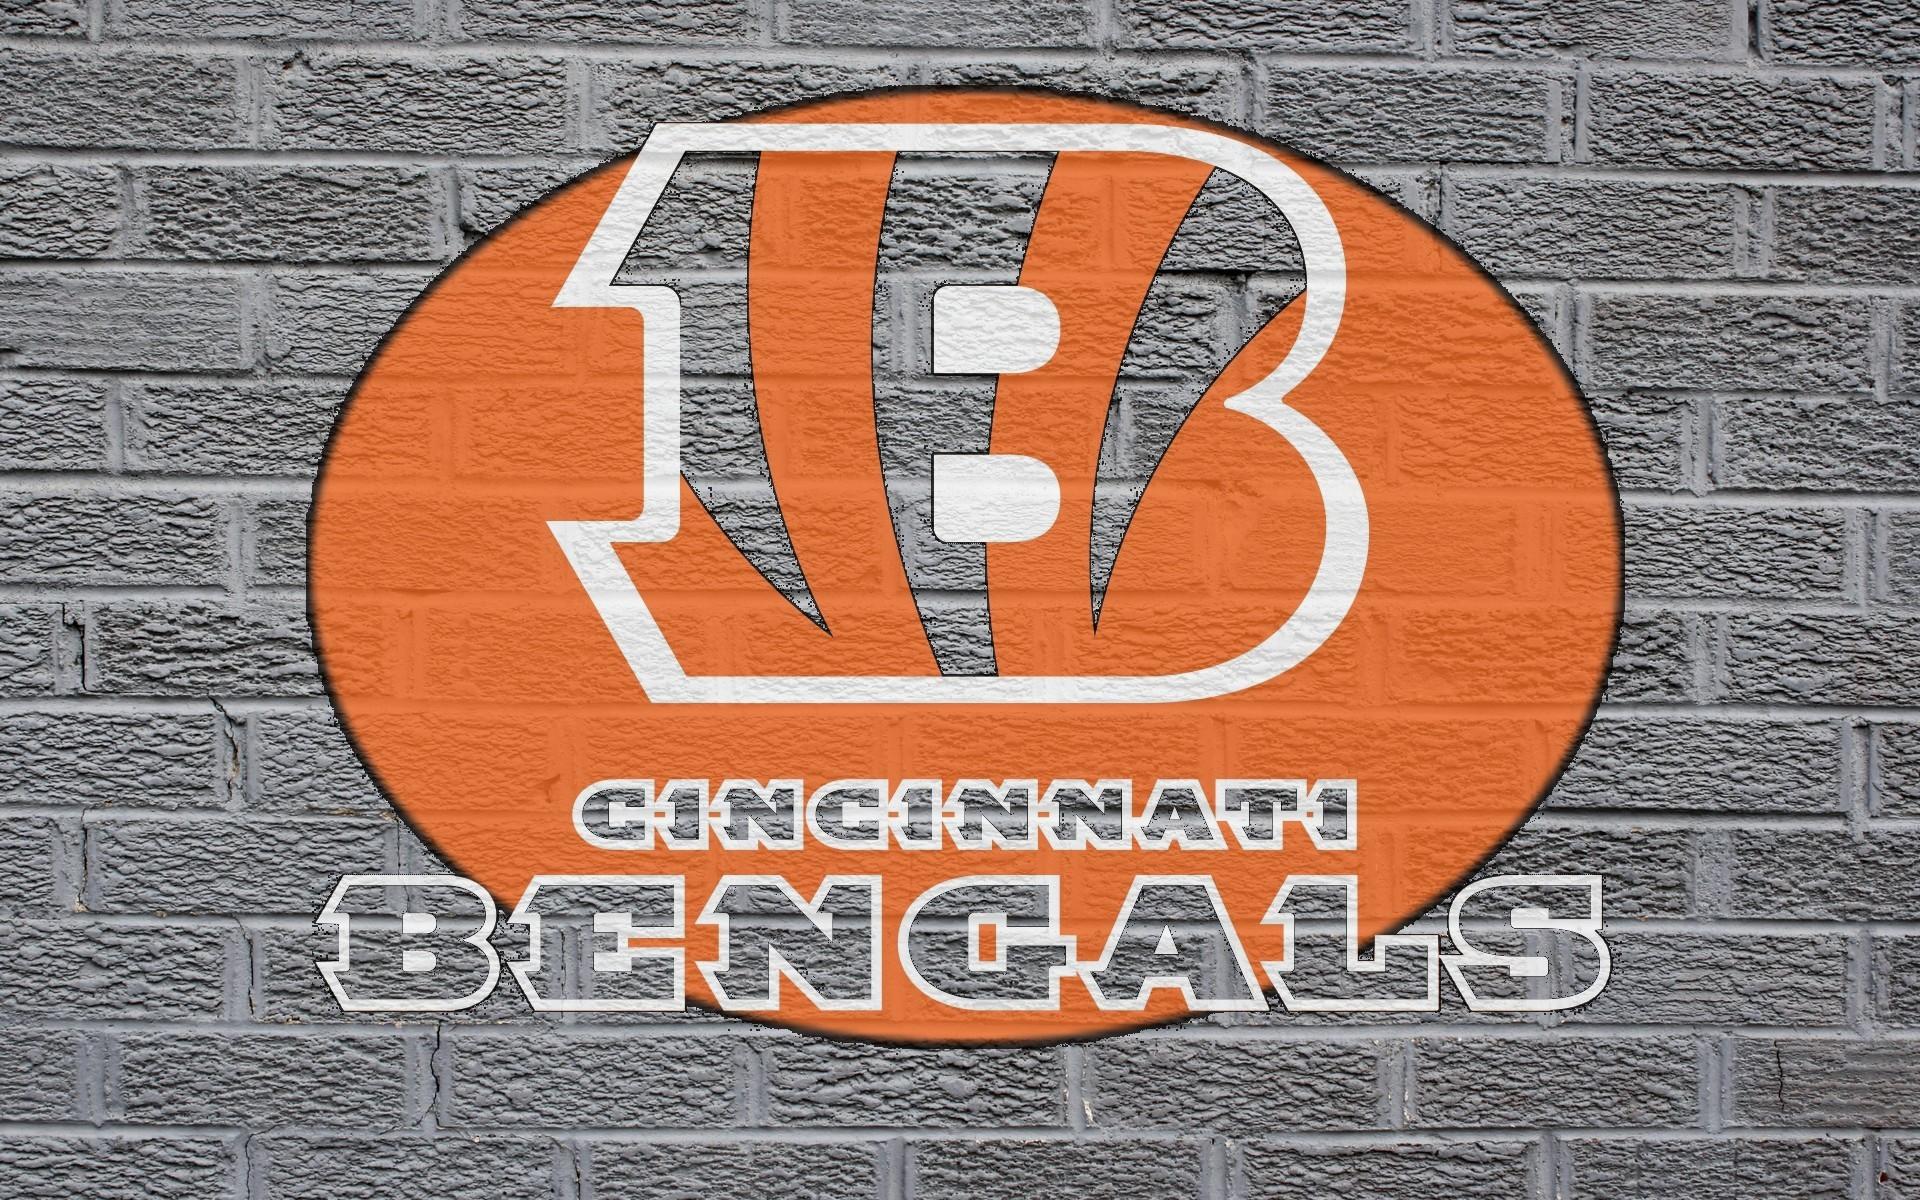 Cincinnati Bengals Wallpapers   HD Wallpapers Early